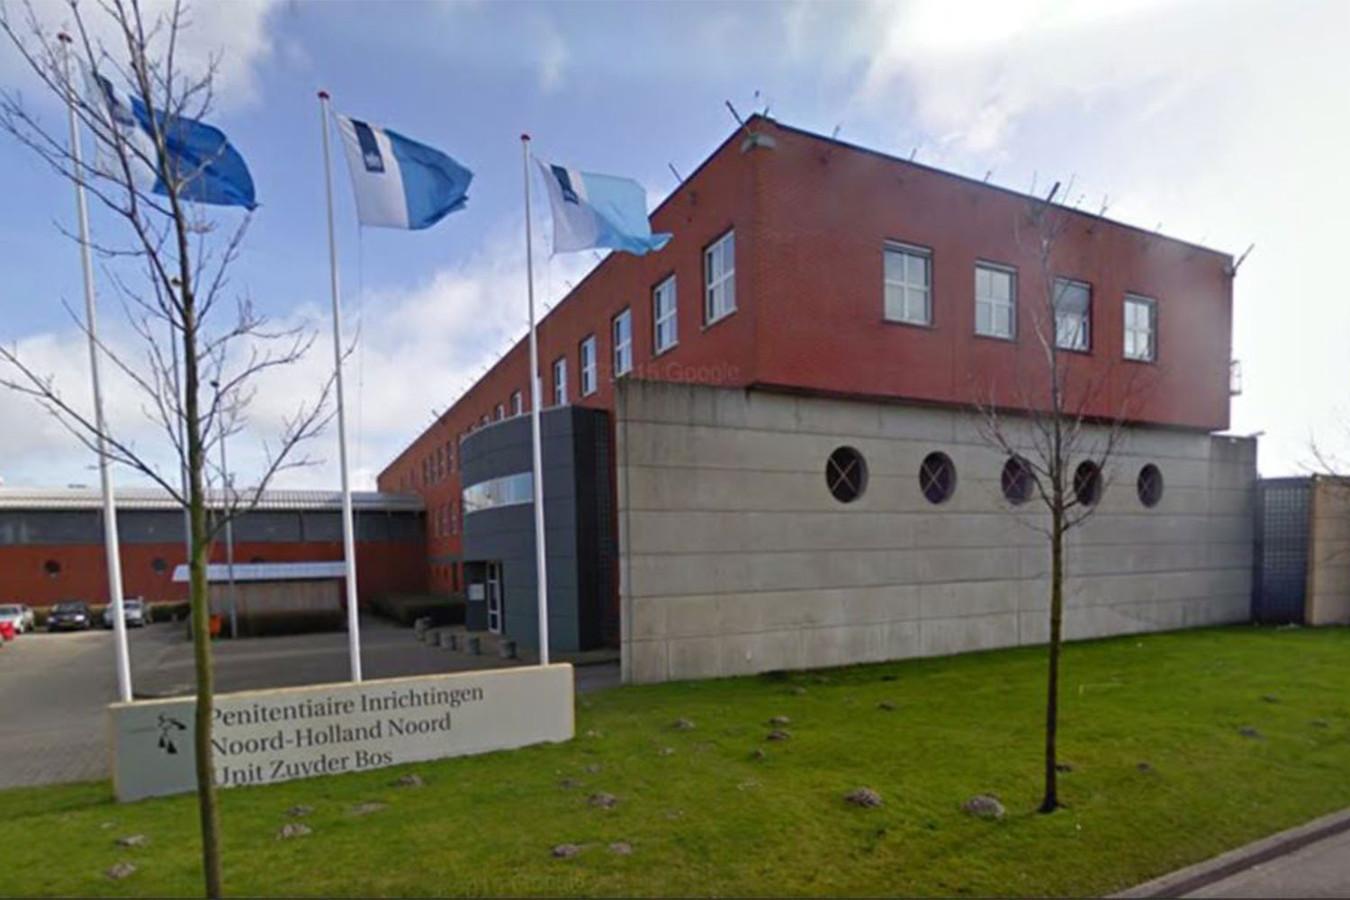 Gevangenis Zuyderbos in Heerhugowaard